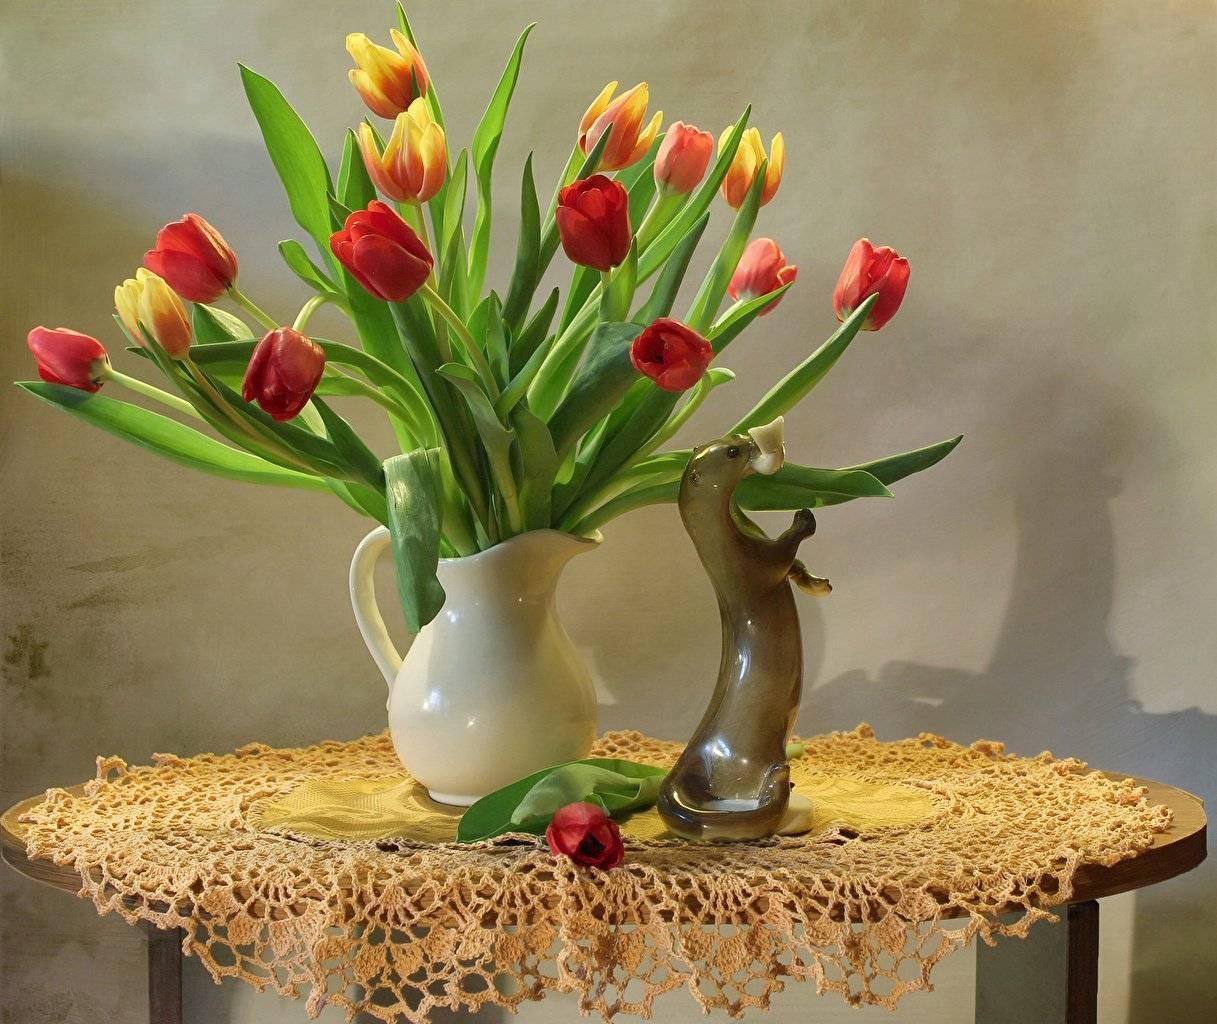 Тюльпаны: хранение луковиц после выкопки в домашних условиях до посадки осенью